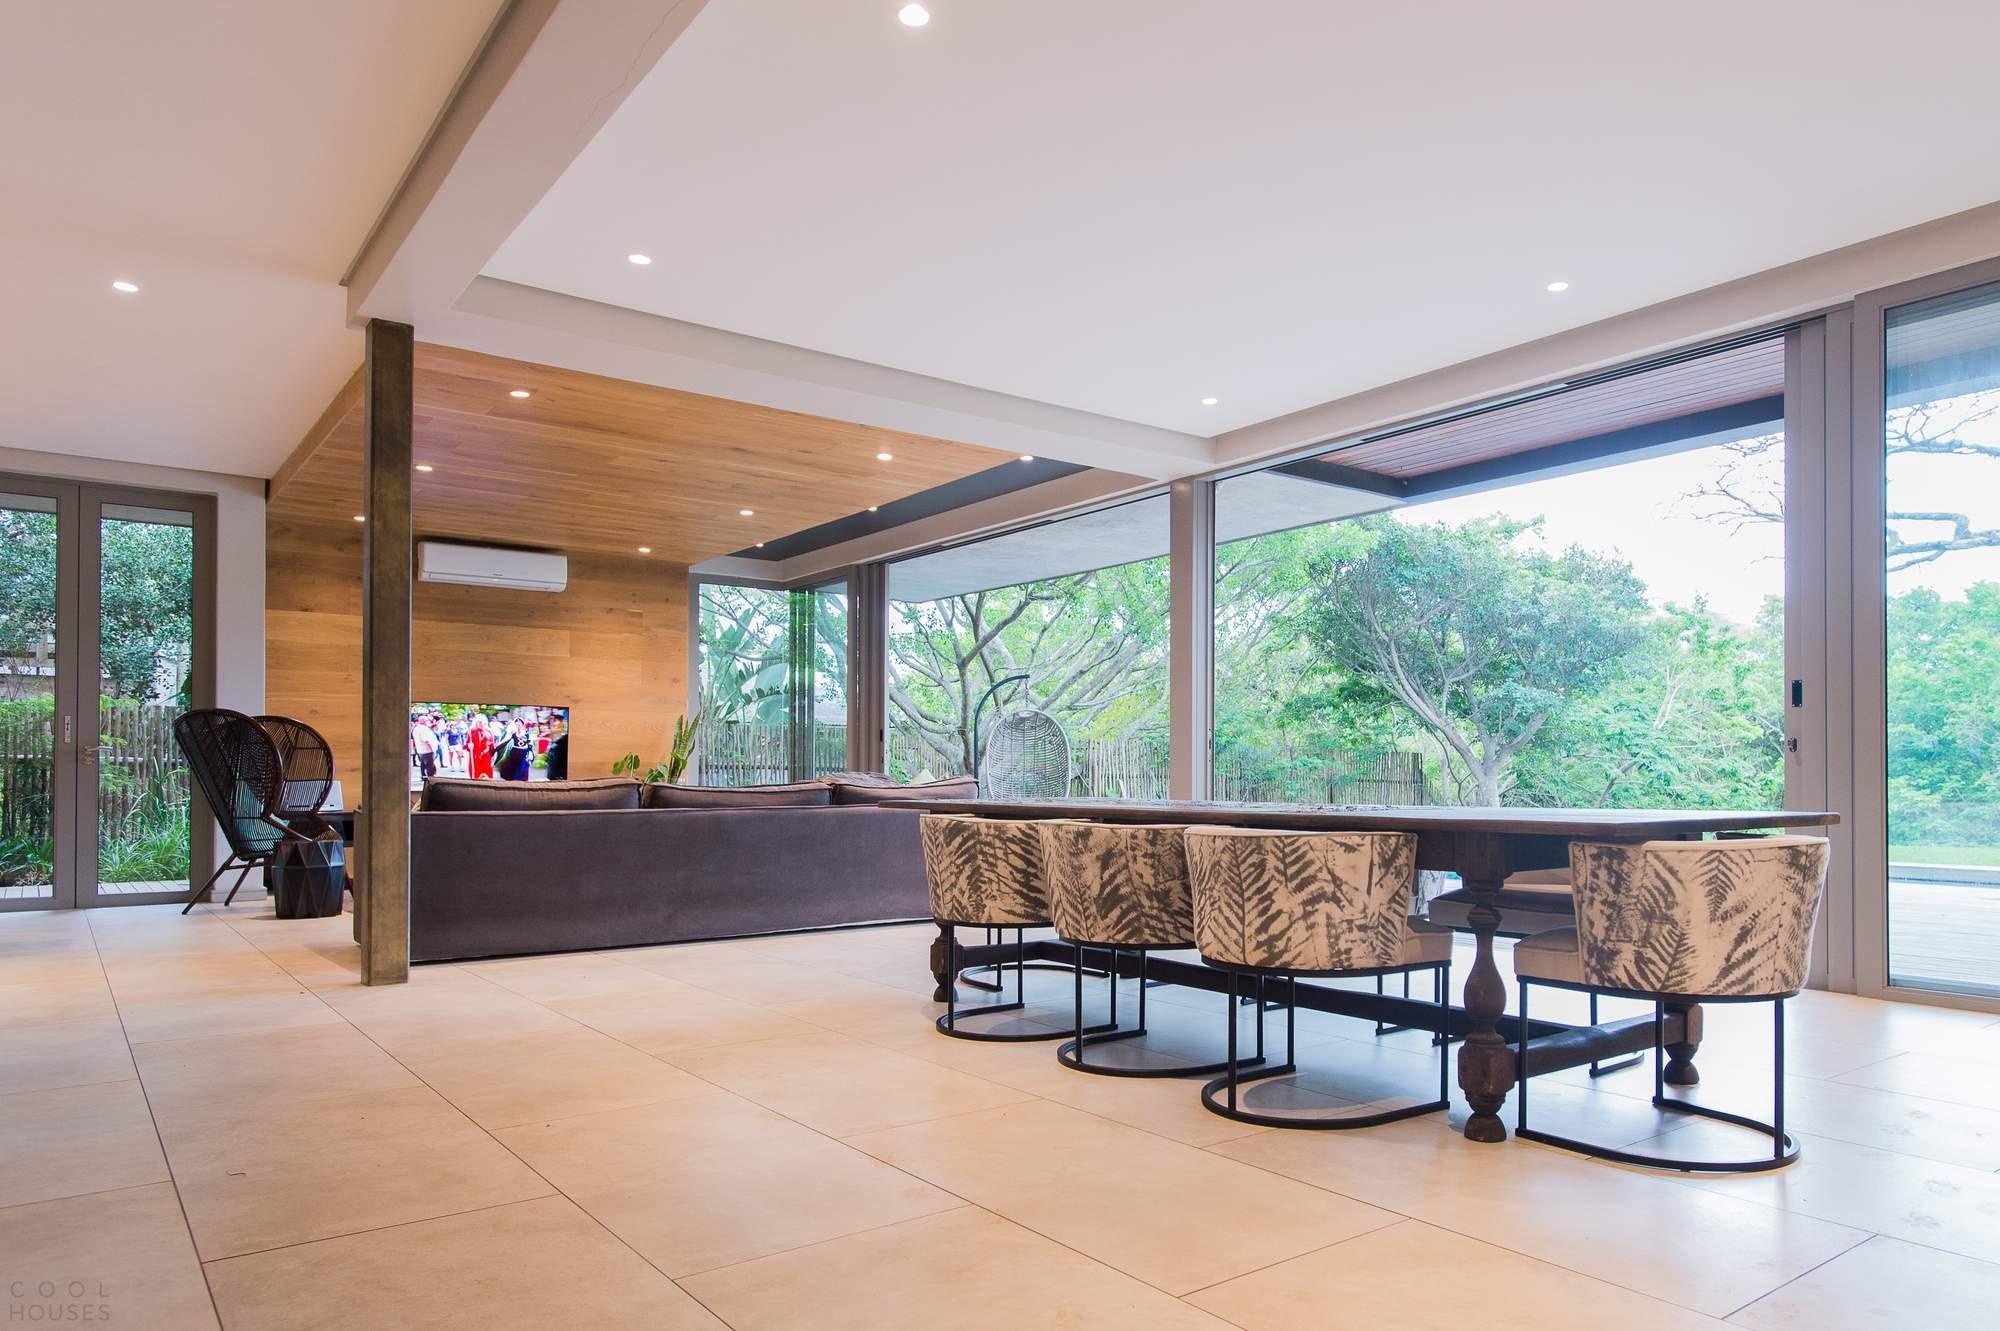 Семейный дом с ощущением пространства и единения с природой, Южная Африка